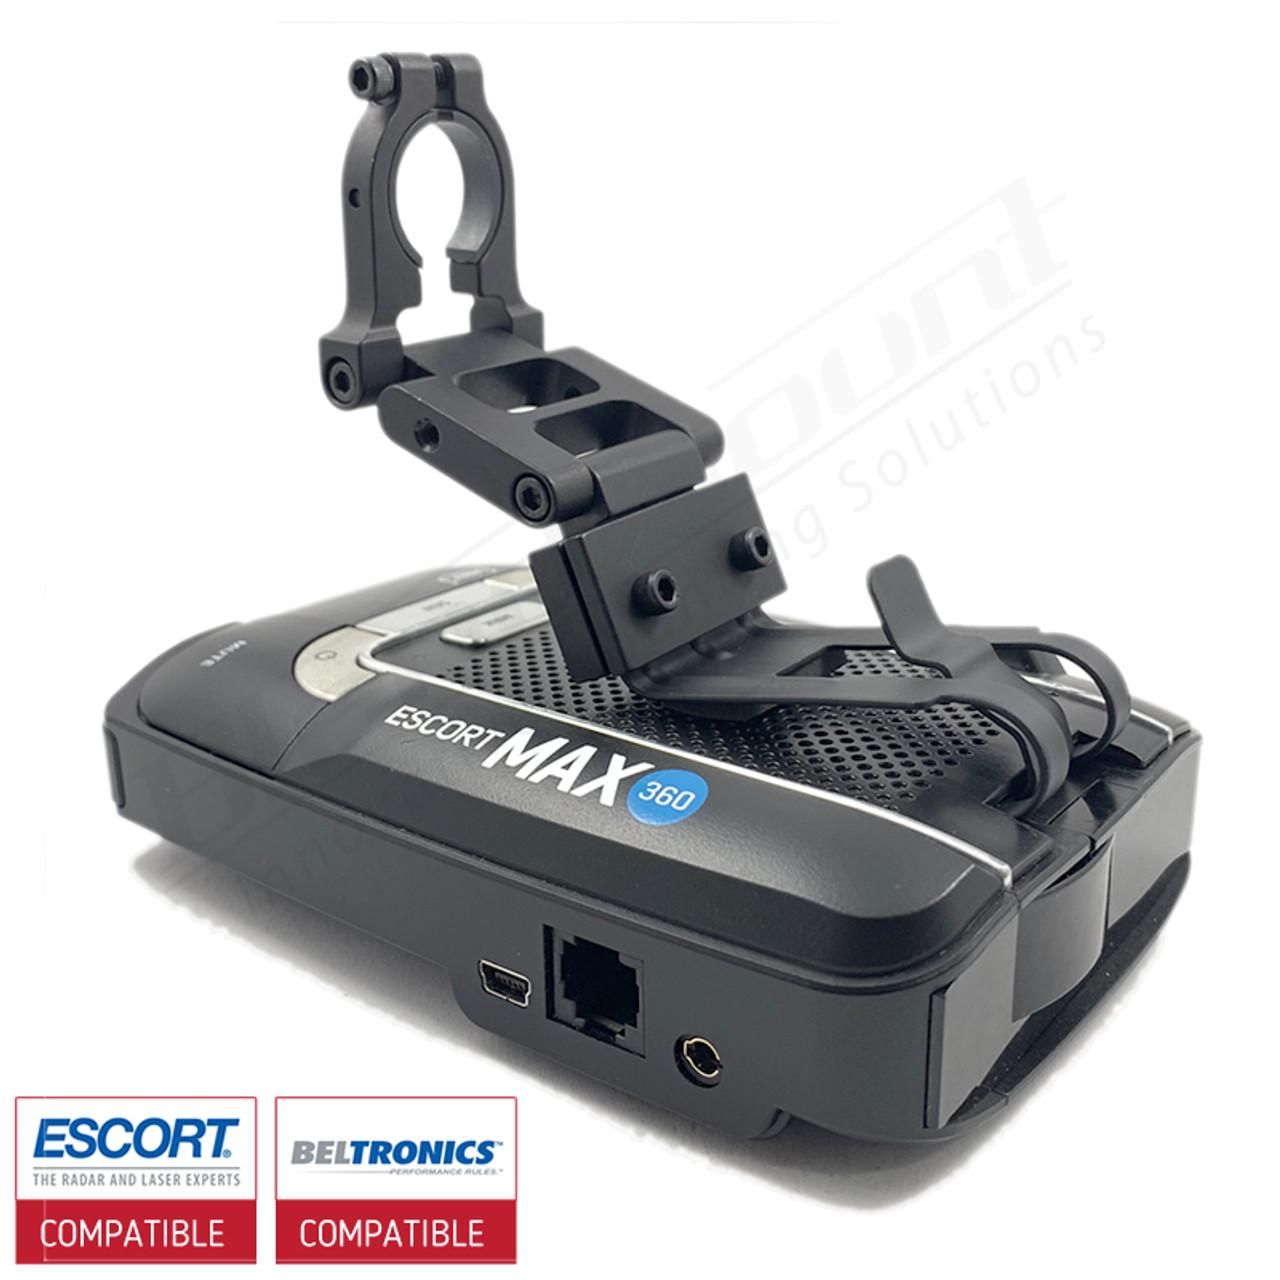 Escort Radar Max 360 >> Aluminum Radar Detector Mount For Bel Gt Escort Max 360 Max2 Max Max Ii Standard 2004r Series